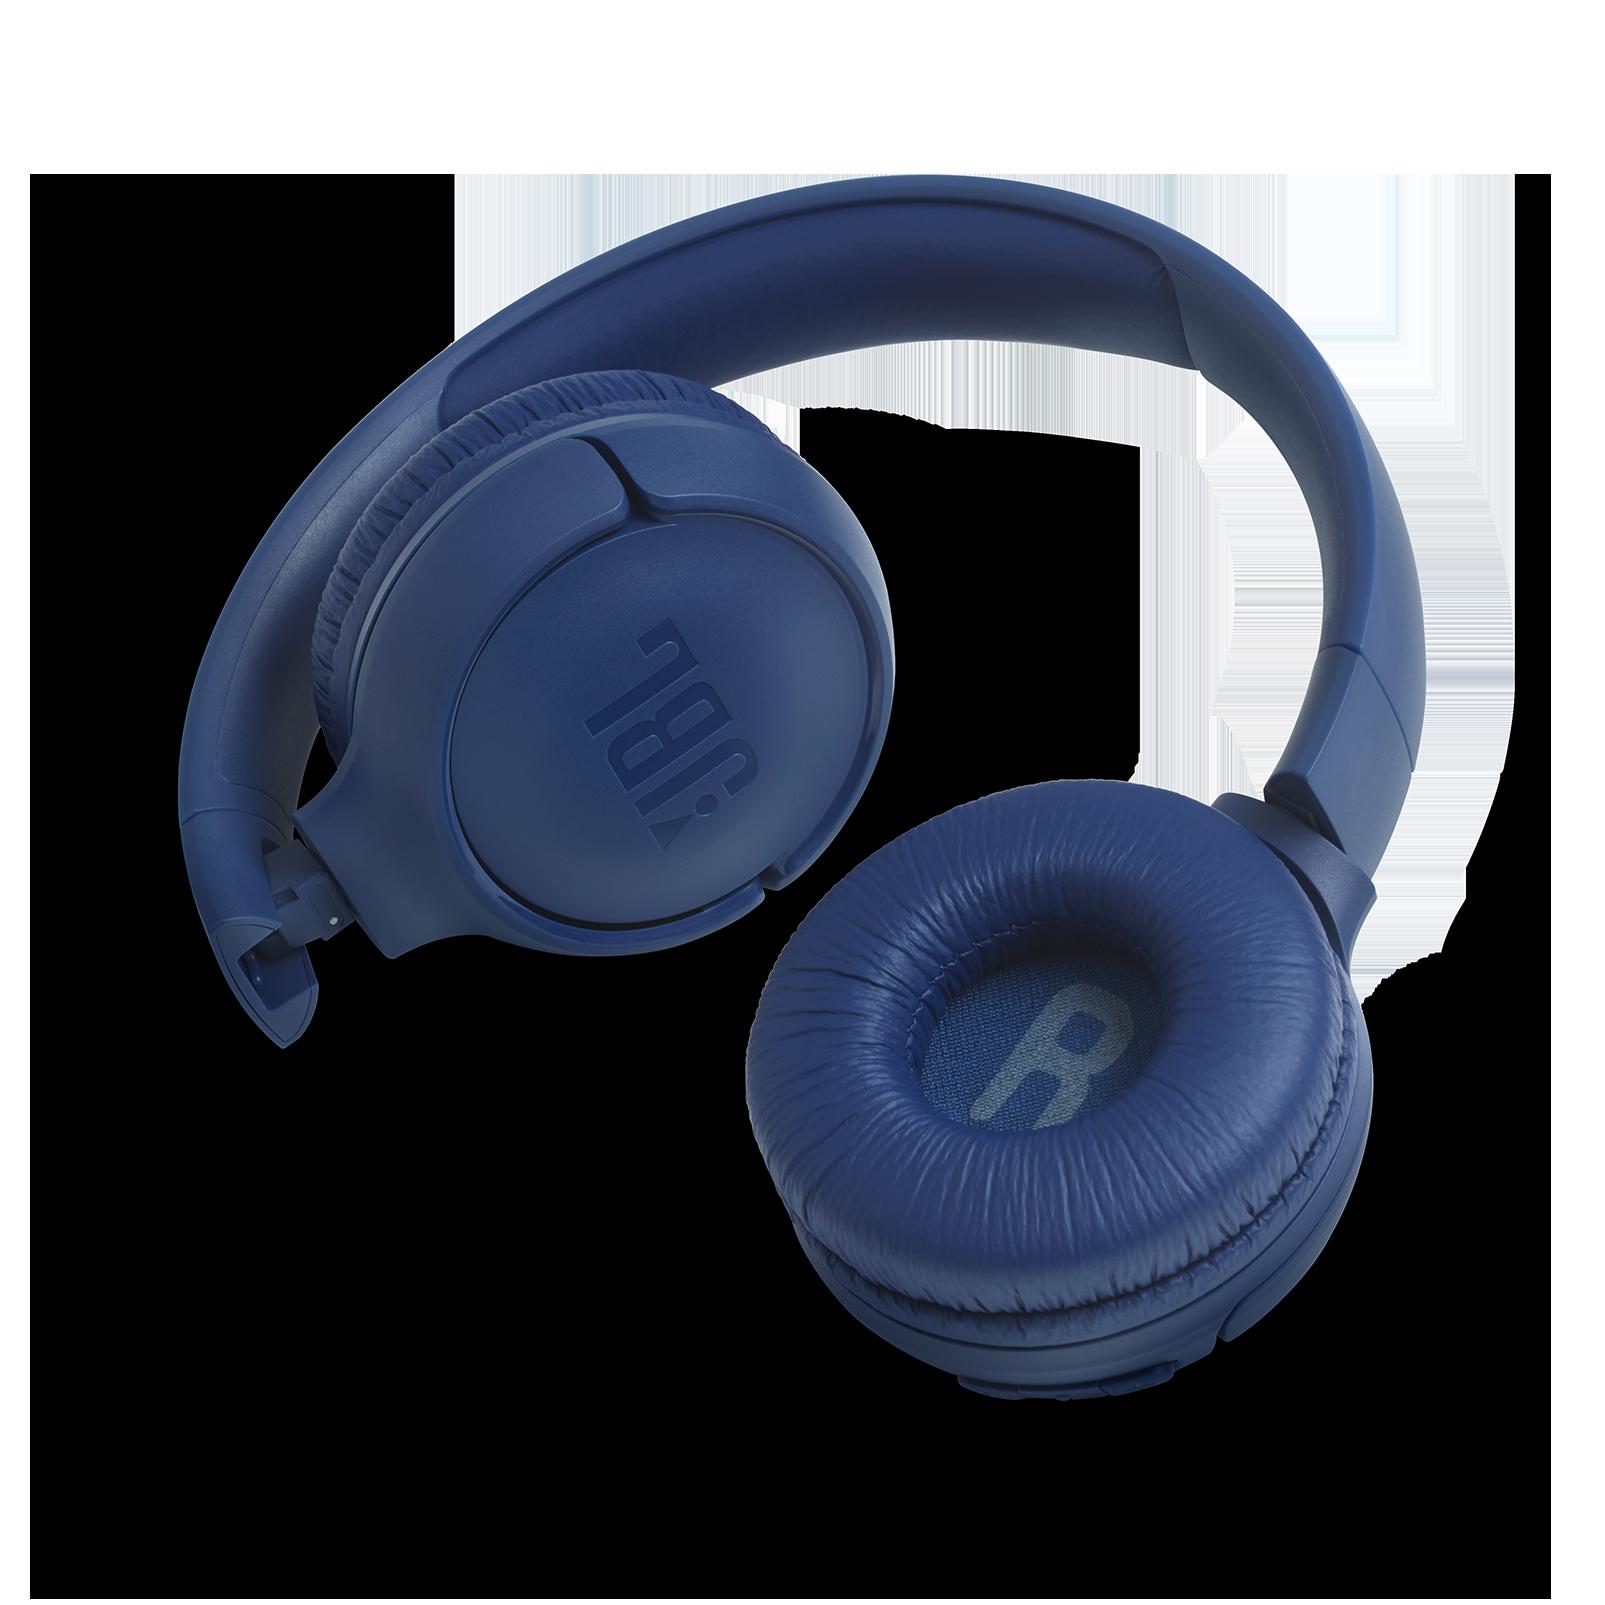 JBL TUNE 500BT - Blue - Wireless on-ear headphones - Detailshot 1